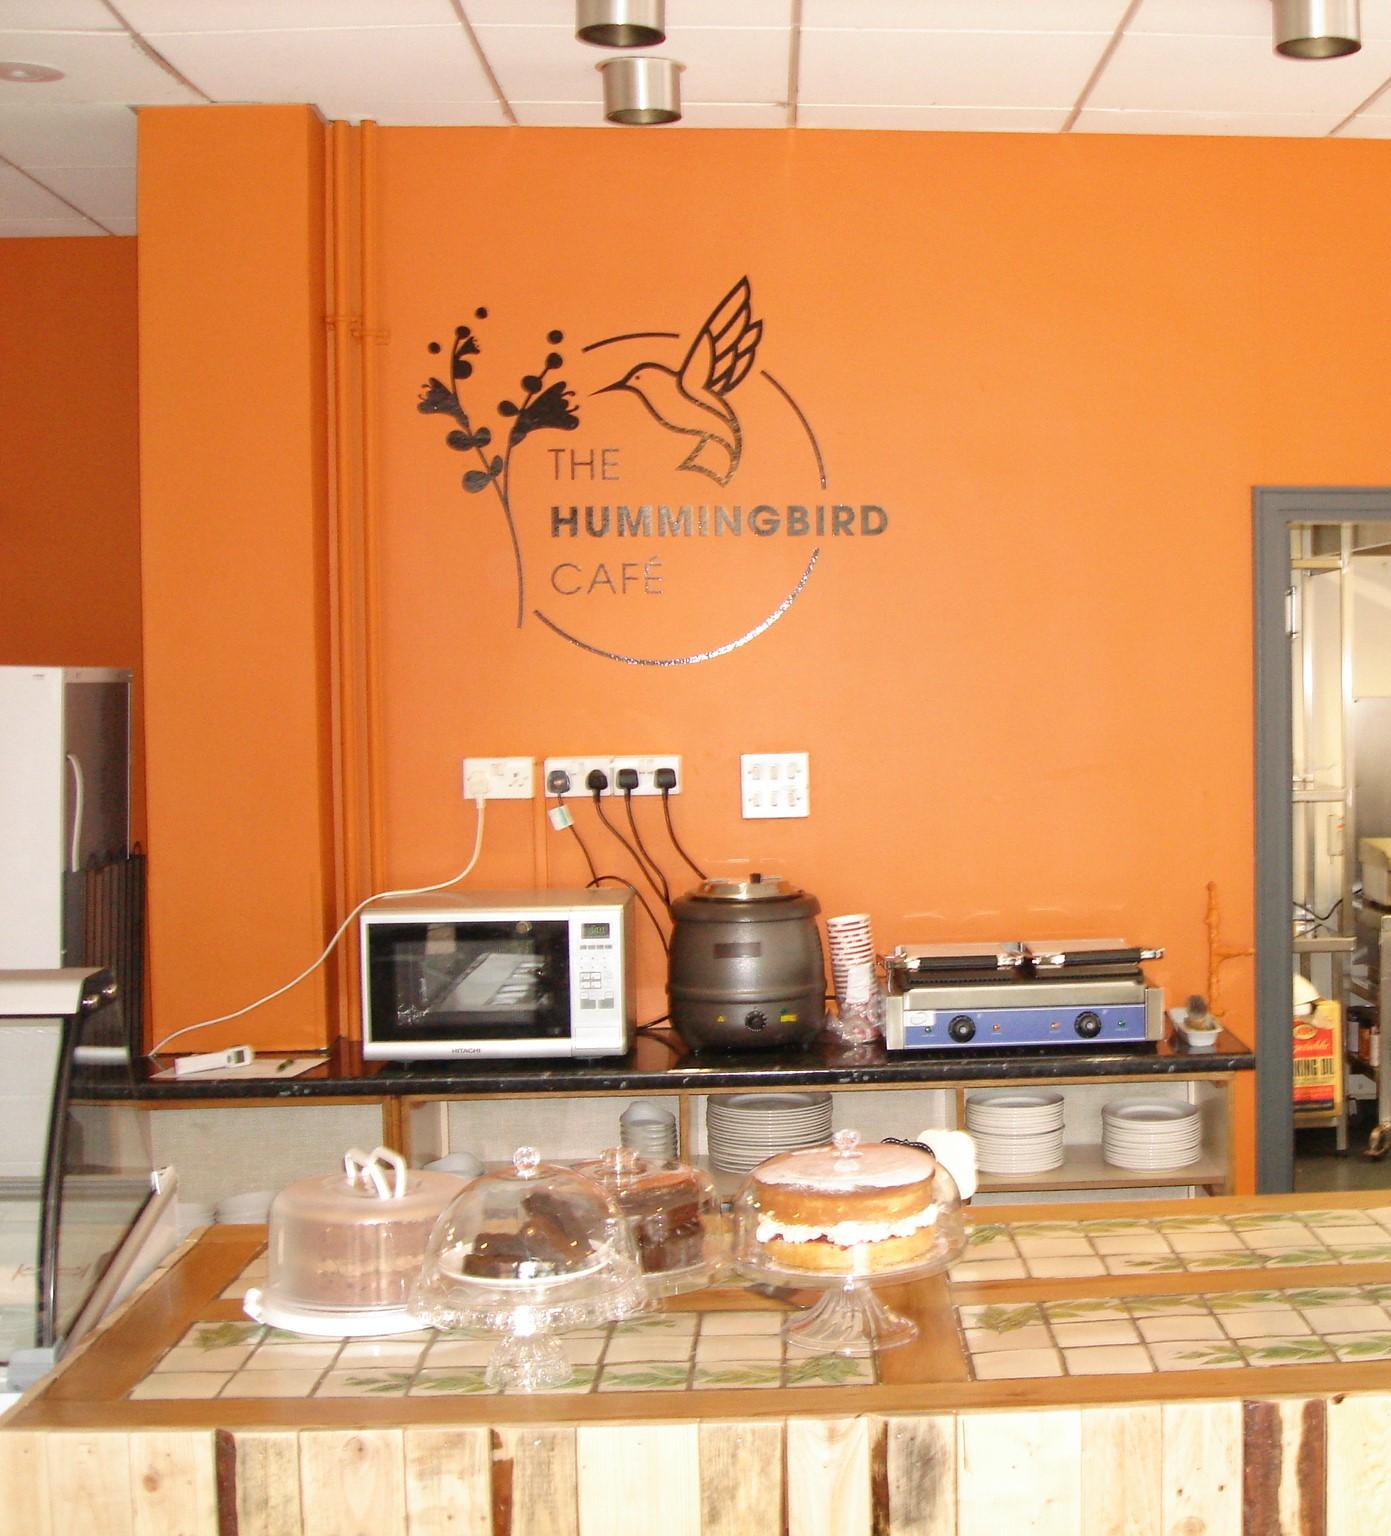 The Hummingbird Cafe